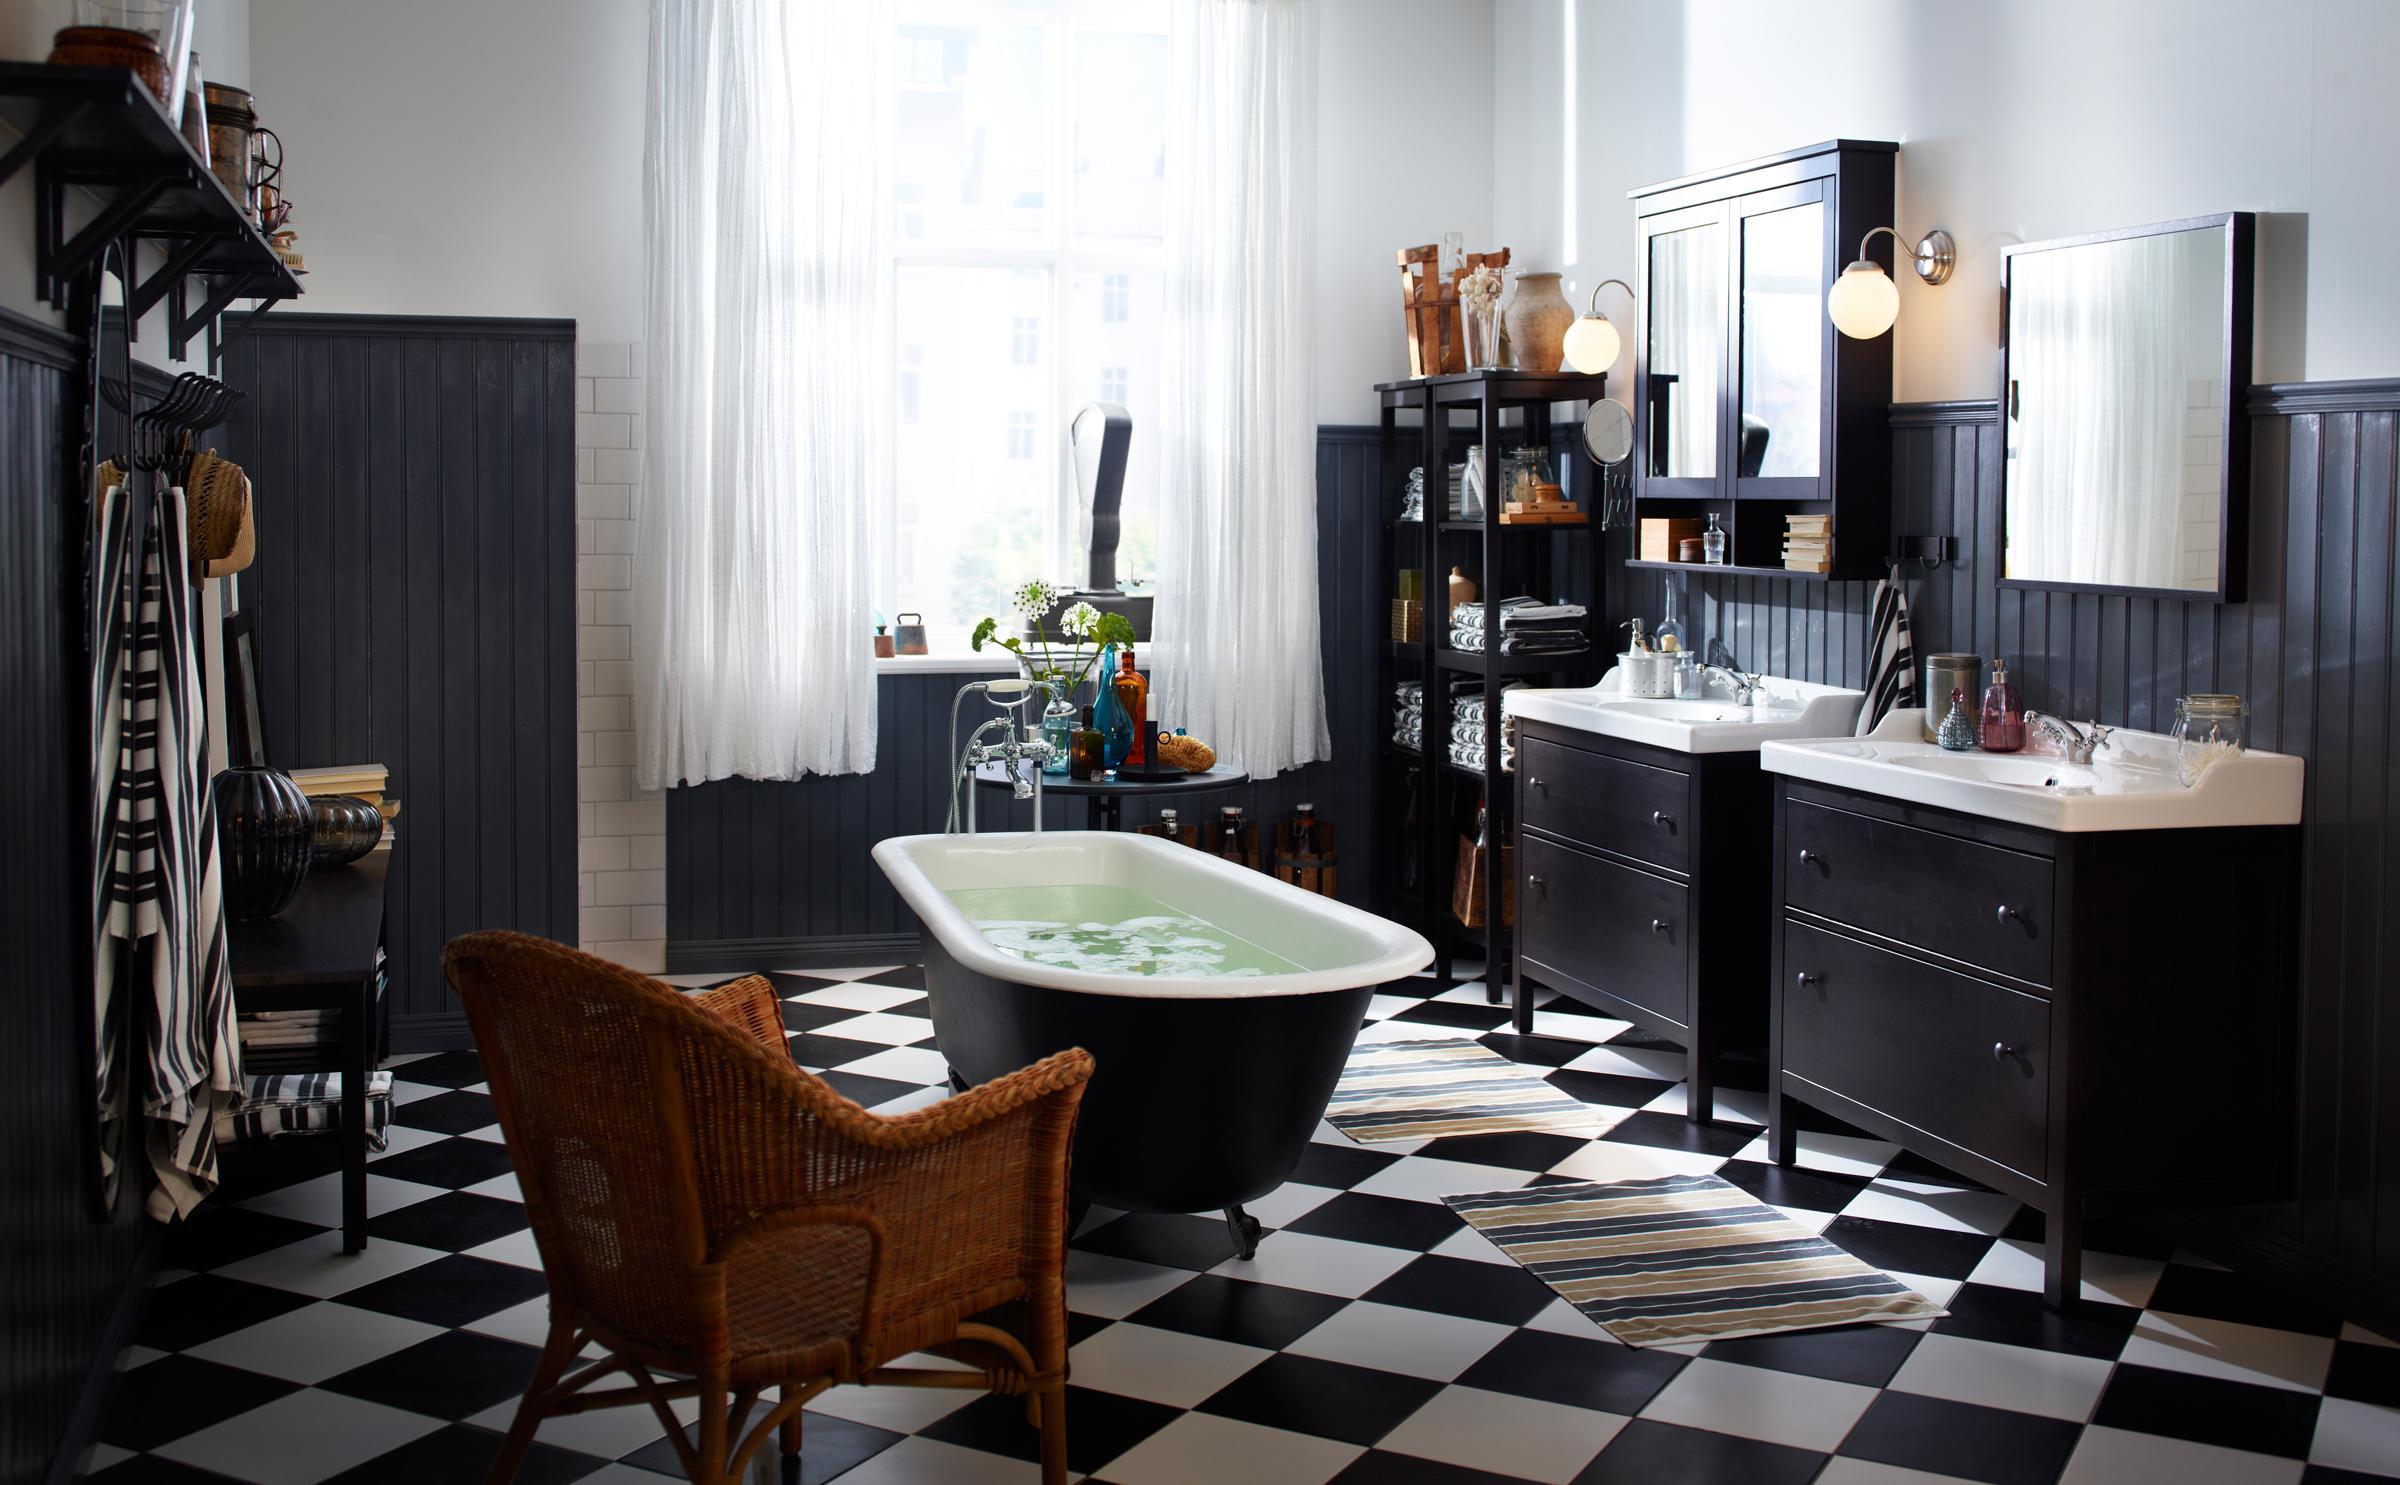 Freistehende Badewanne Im Schwarz Weiß Gefliesten Badezimmer  #badezimmerspiegel #ikea #freistehendebadewanne #waschbeckenunterschrank